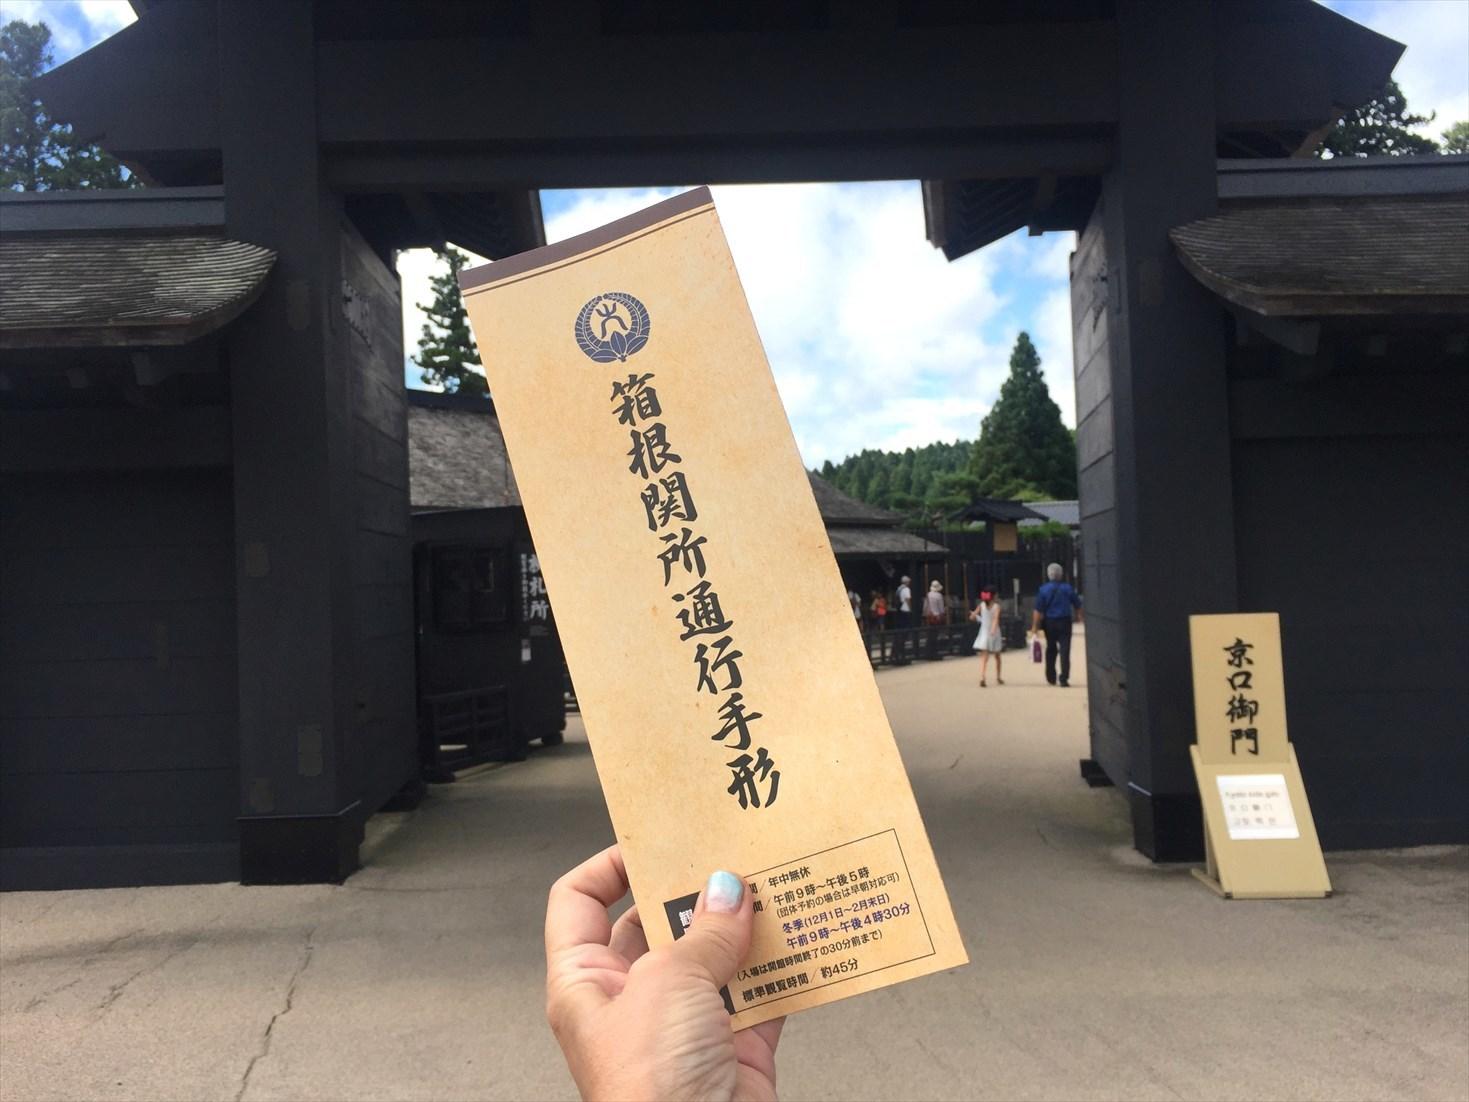 大涌谷と箱根関所跡@ちょこっと箱根へ_a0092659_08223593.jpg